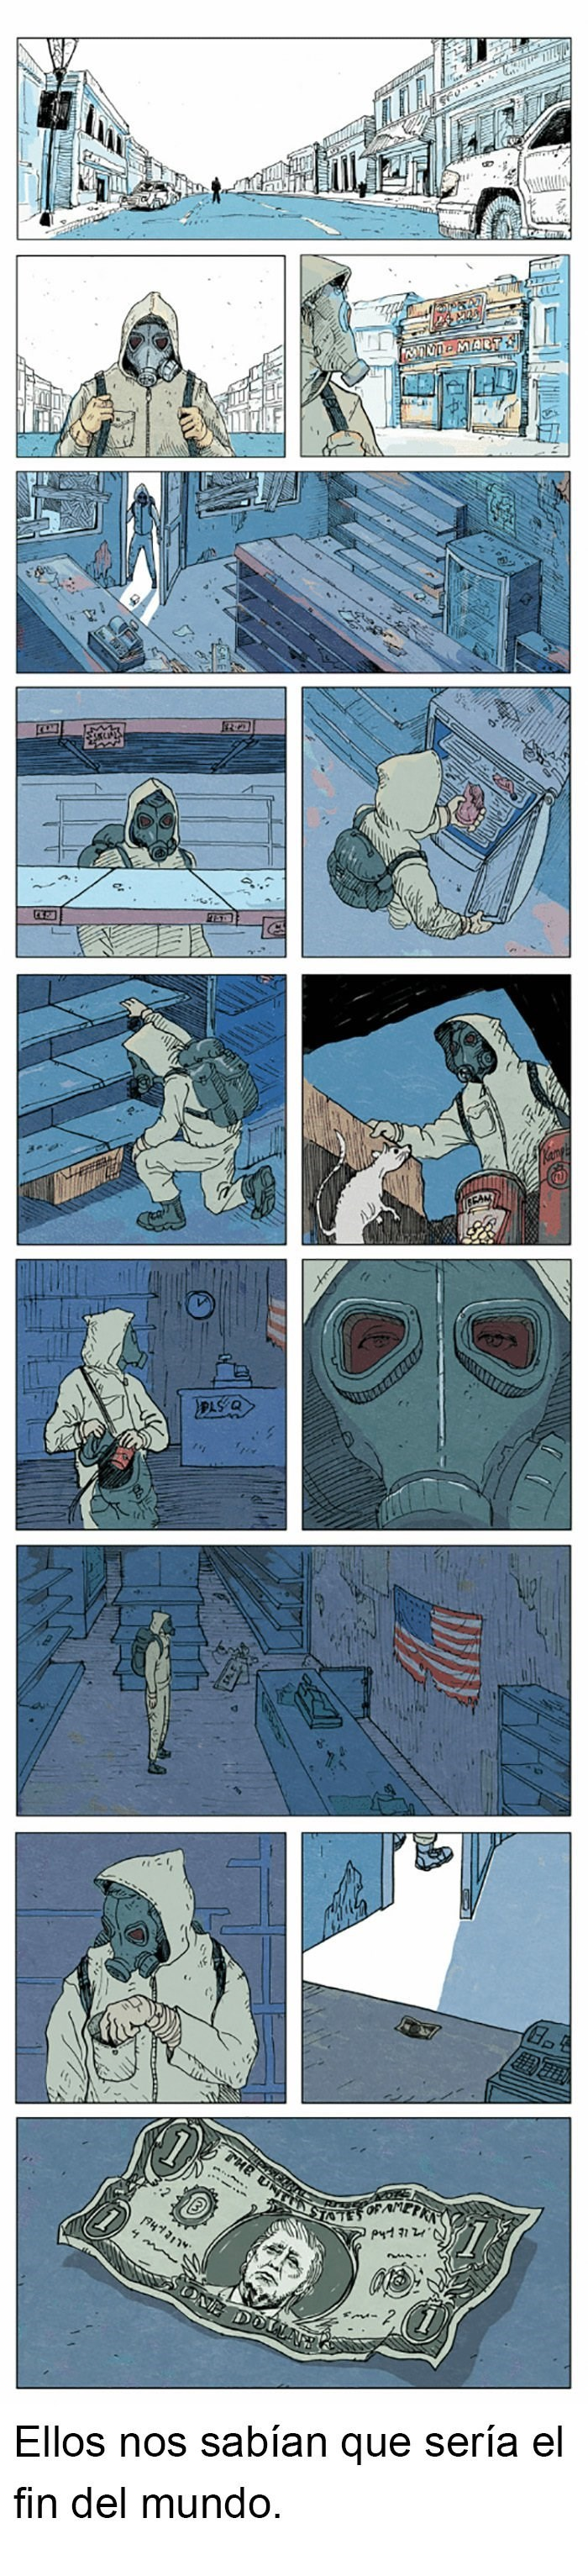 cada vez mas cerca a este comic publicado hace unos anos